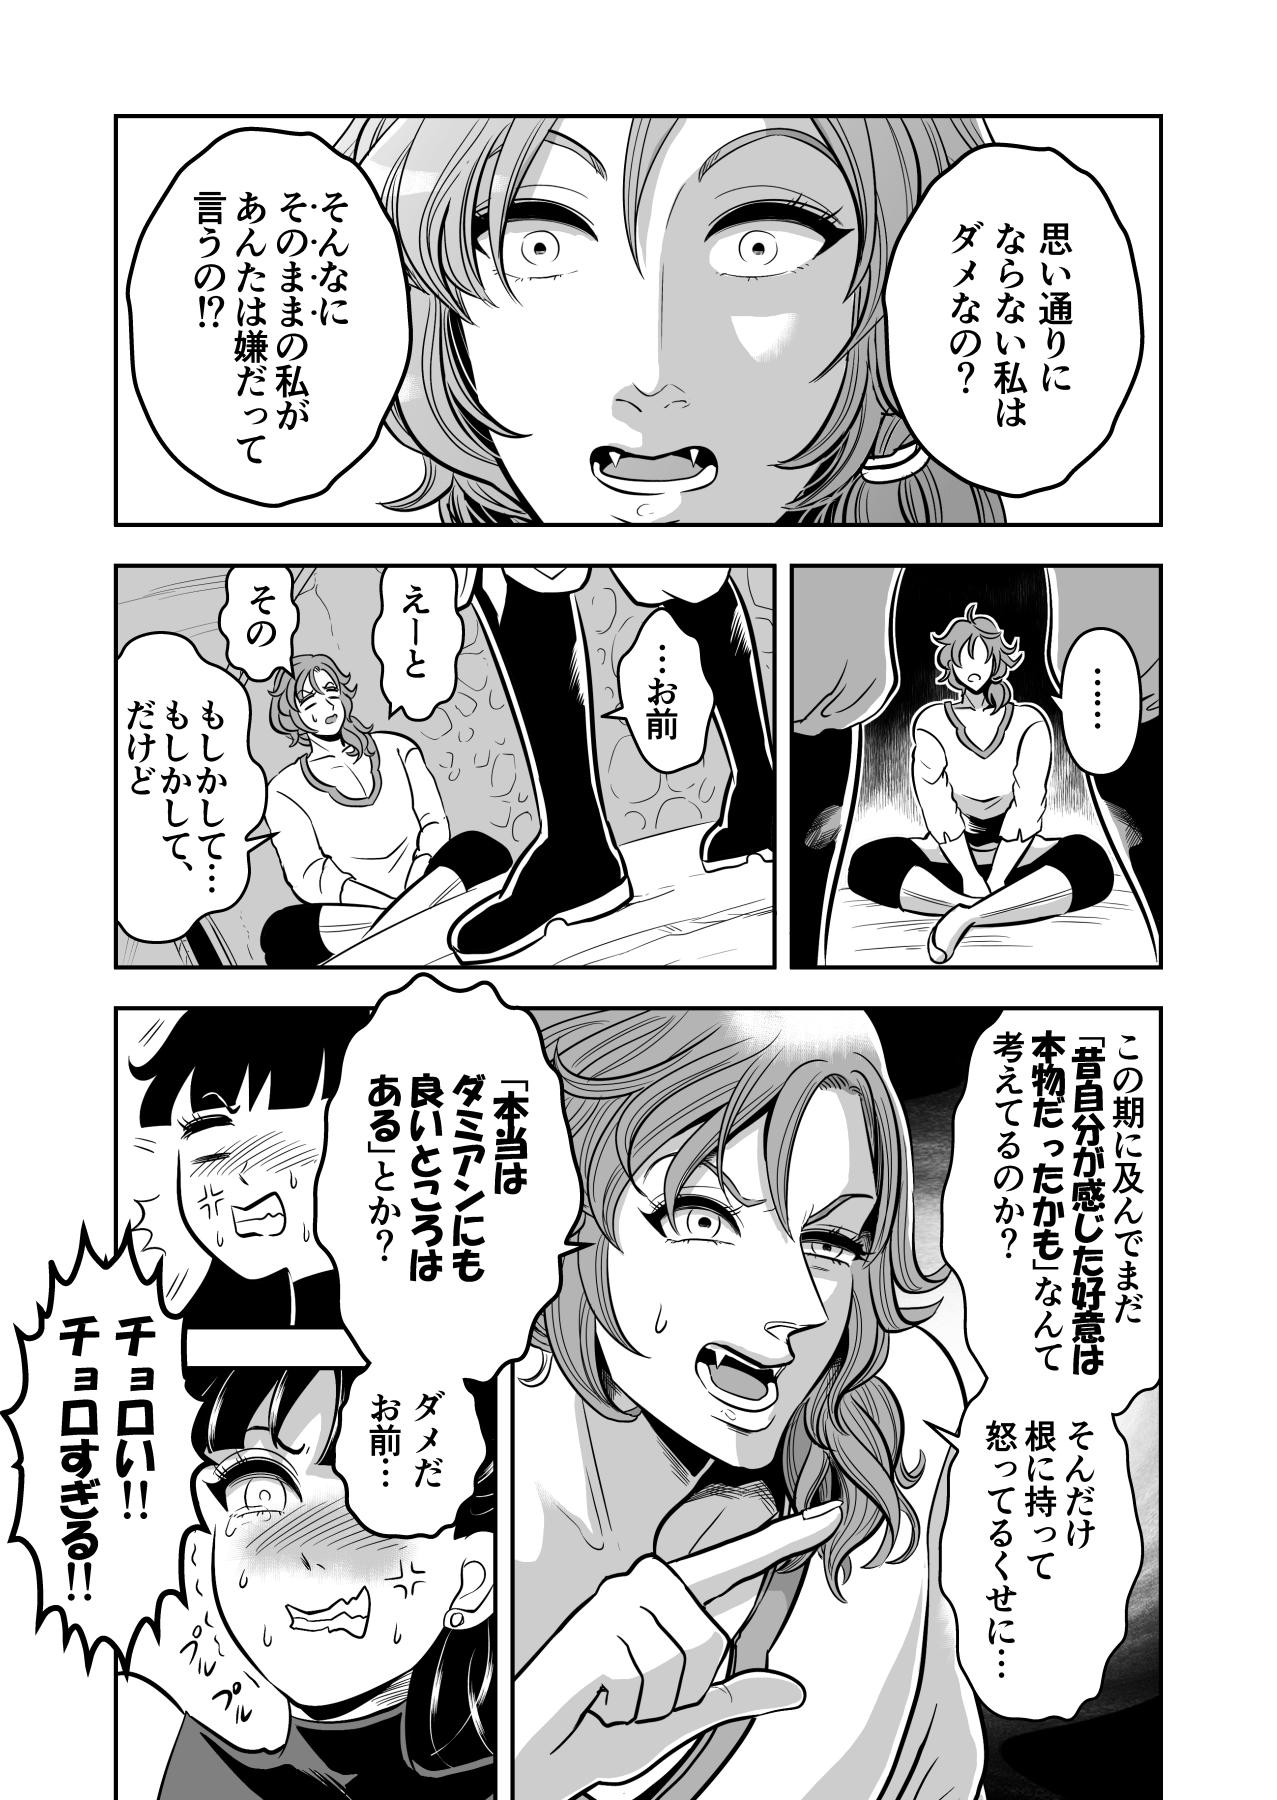 ヤサグレ魔女と第1王子と吸血鬼⑨ (13)-min